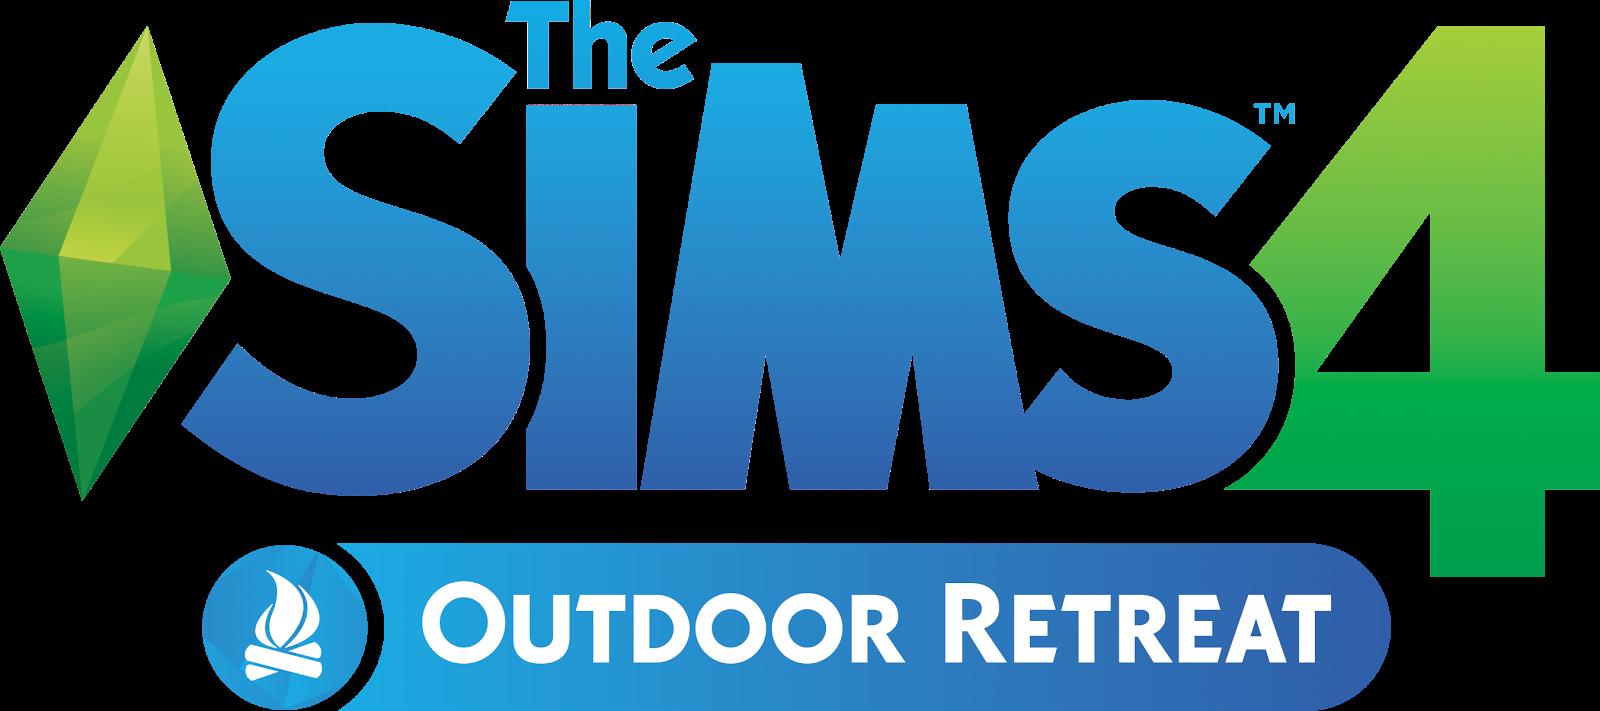 Información sobre los sims 4 - Página 5 TS4_OutdoorRetreat_LogoHQ